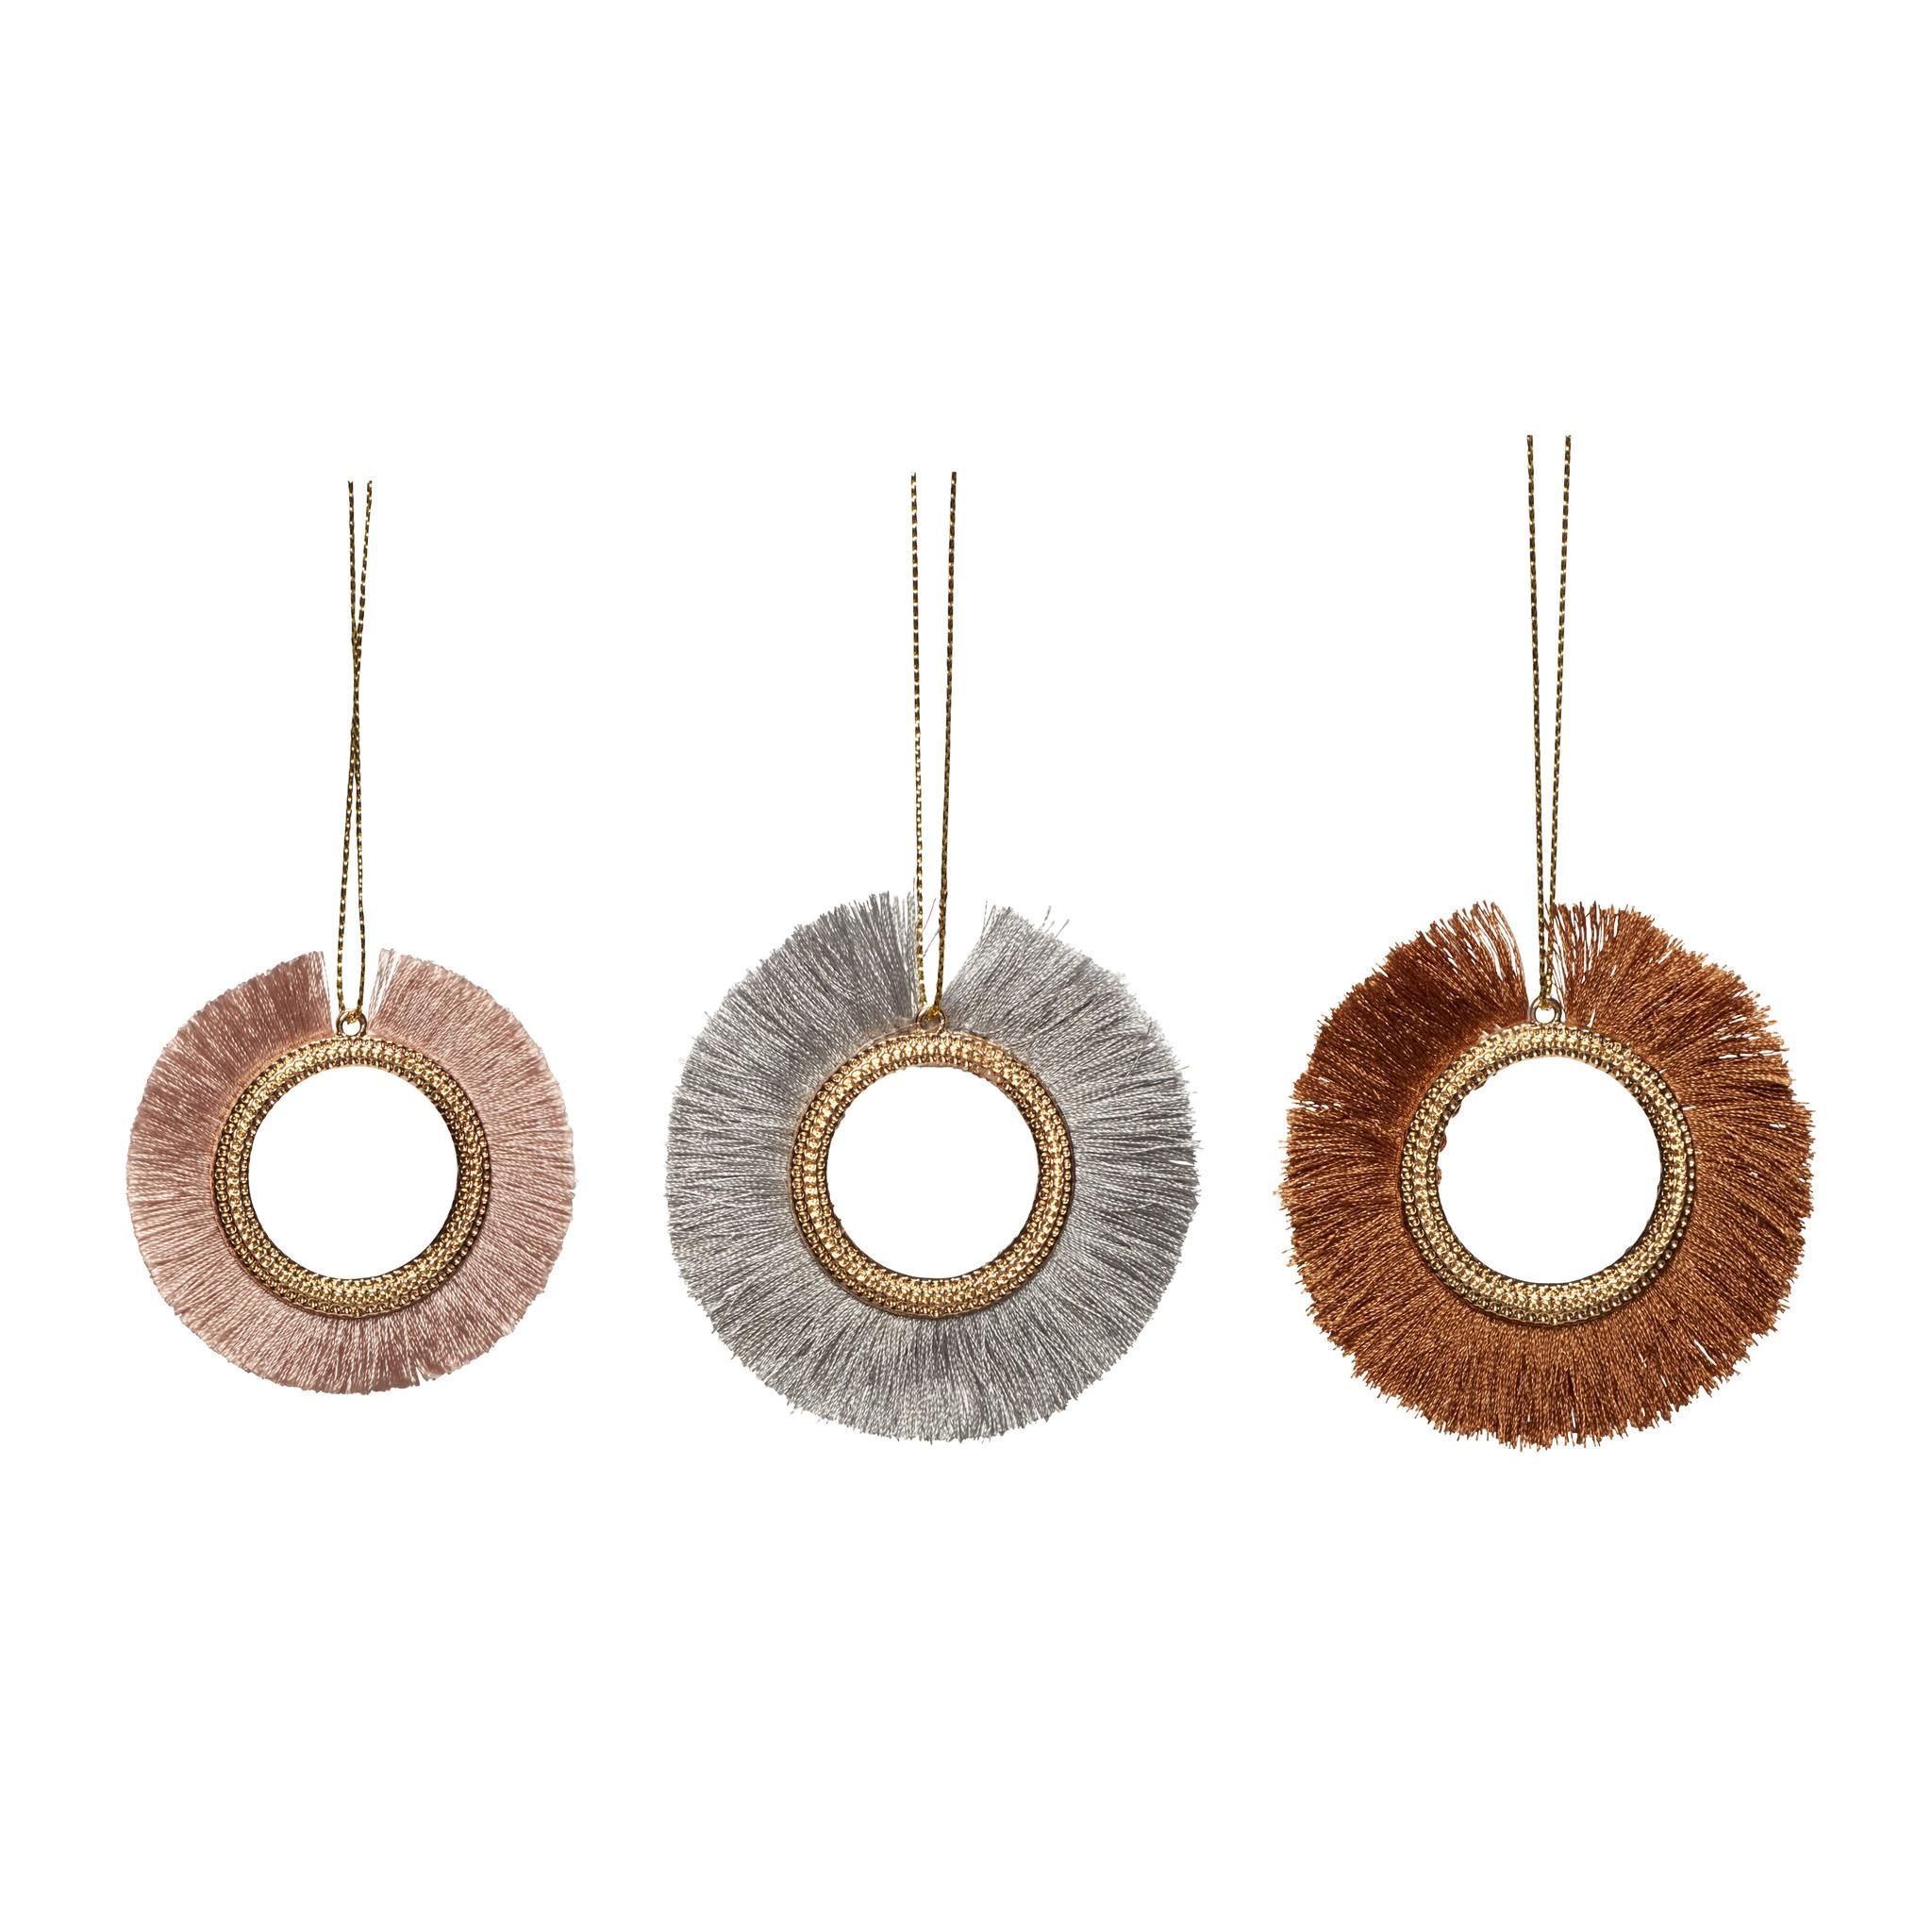 Hubsch Kerstornament, metaal / string, blauw / bordeaux / roze, set van 3